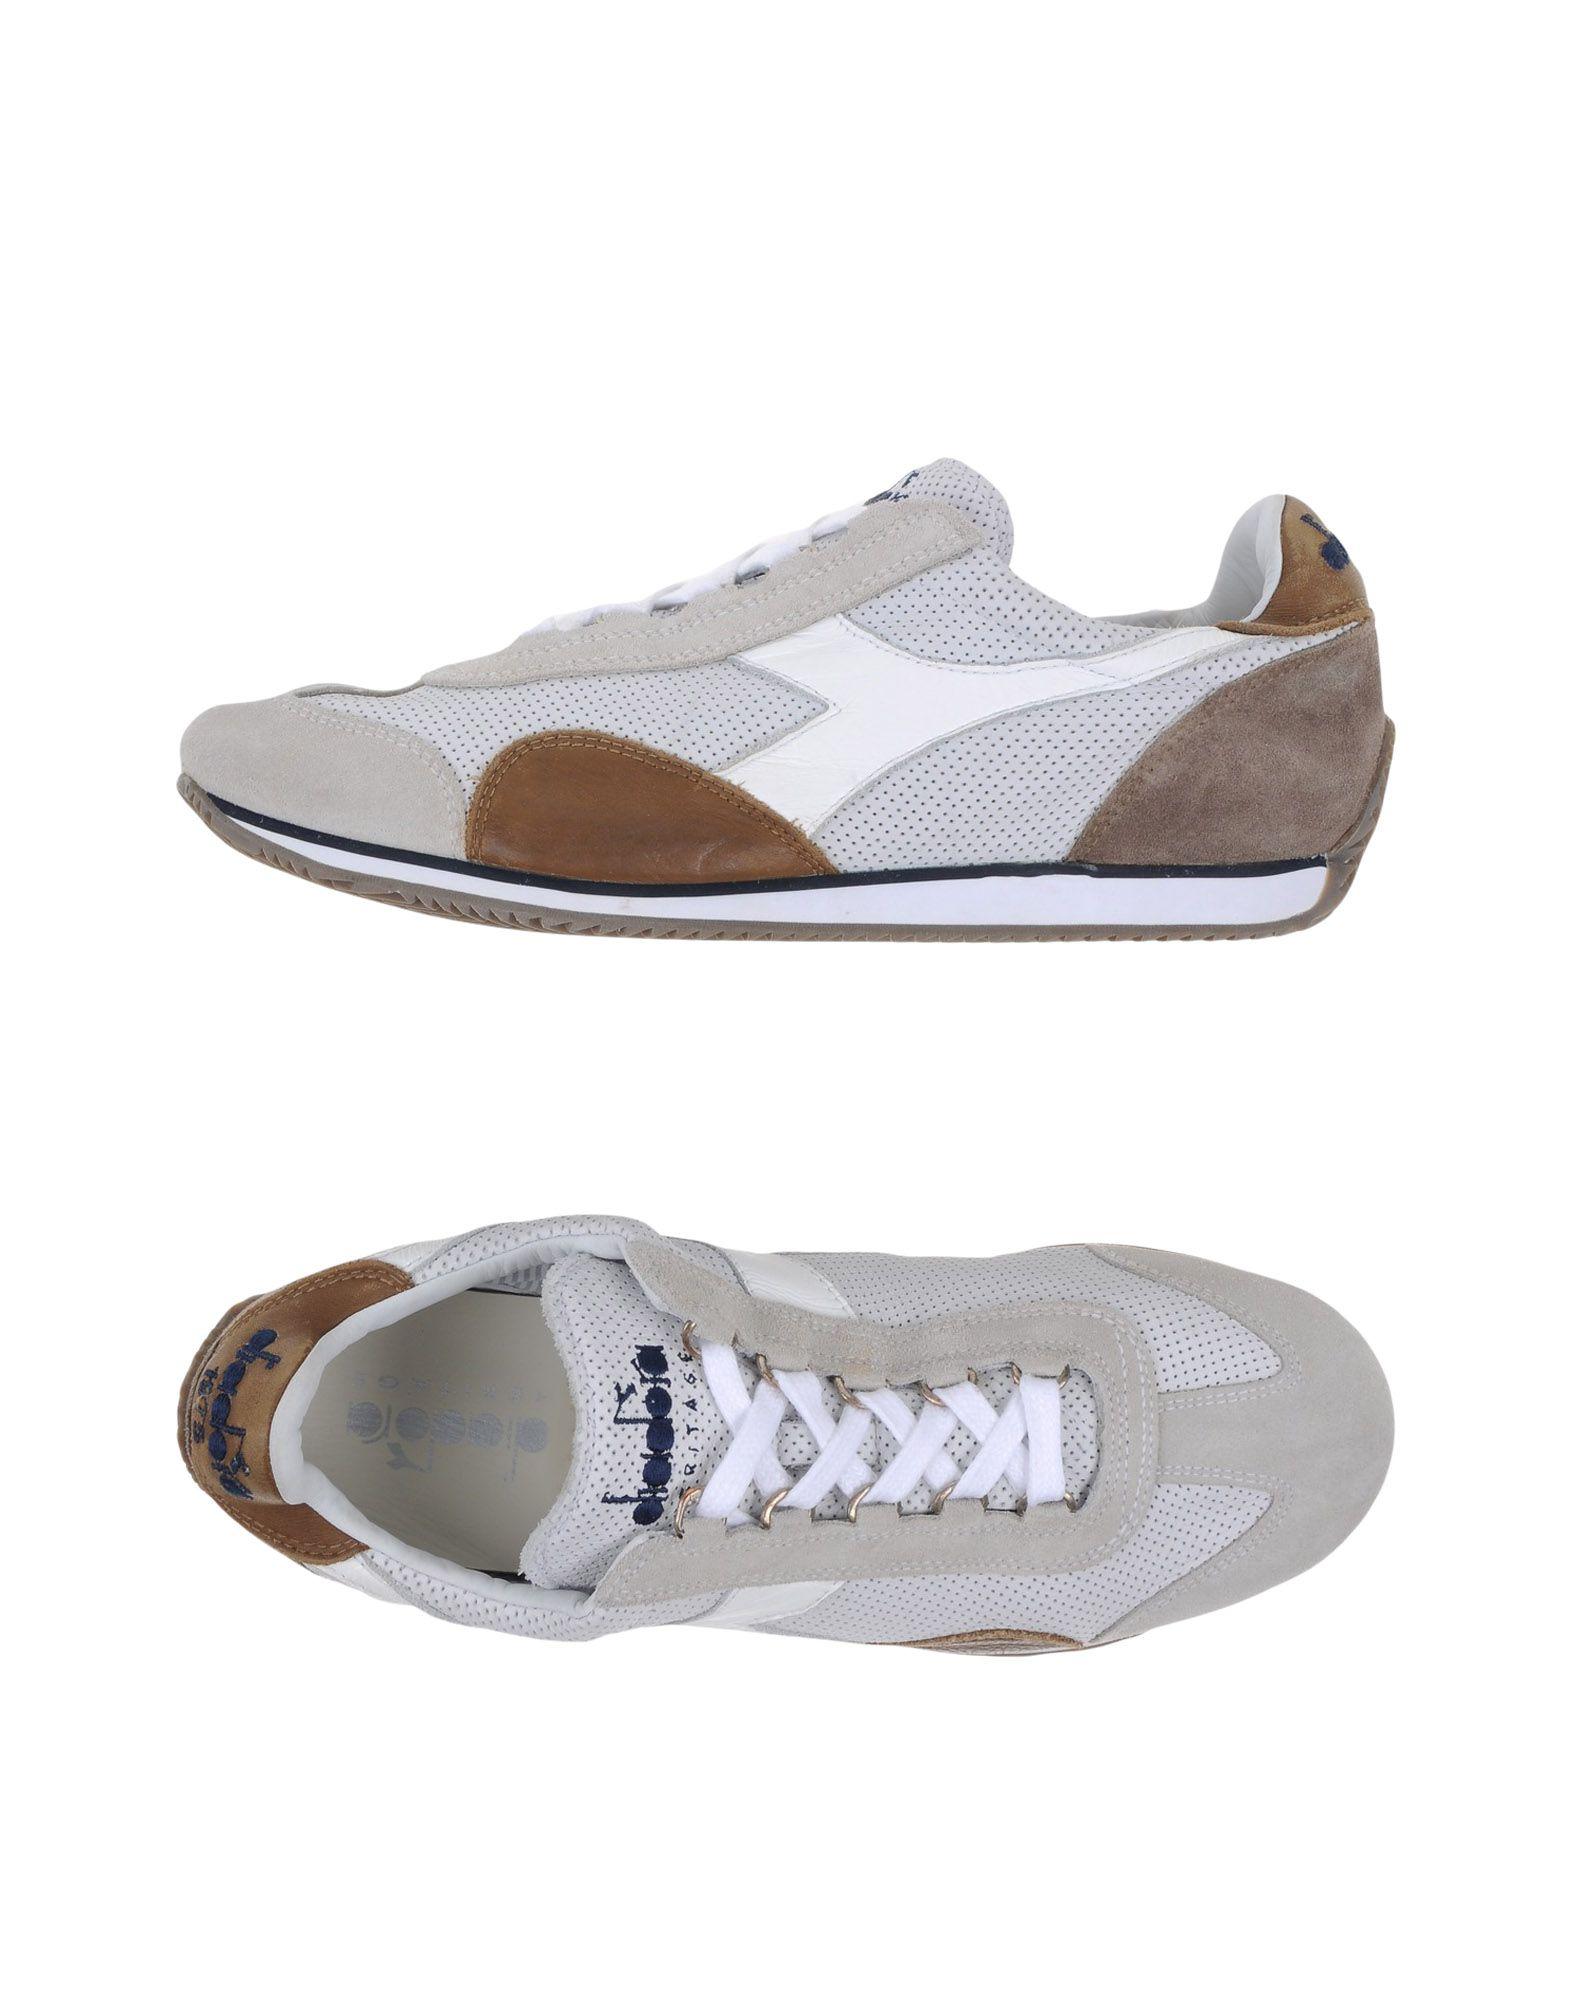 Sneakers Diadora Heritage Equipe - L Perf Sw - Uomo - Equipe 44992288MT 381544